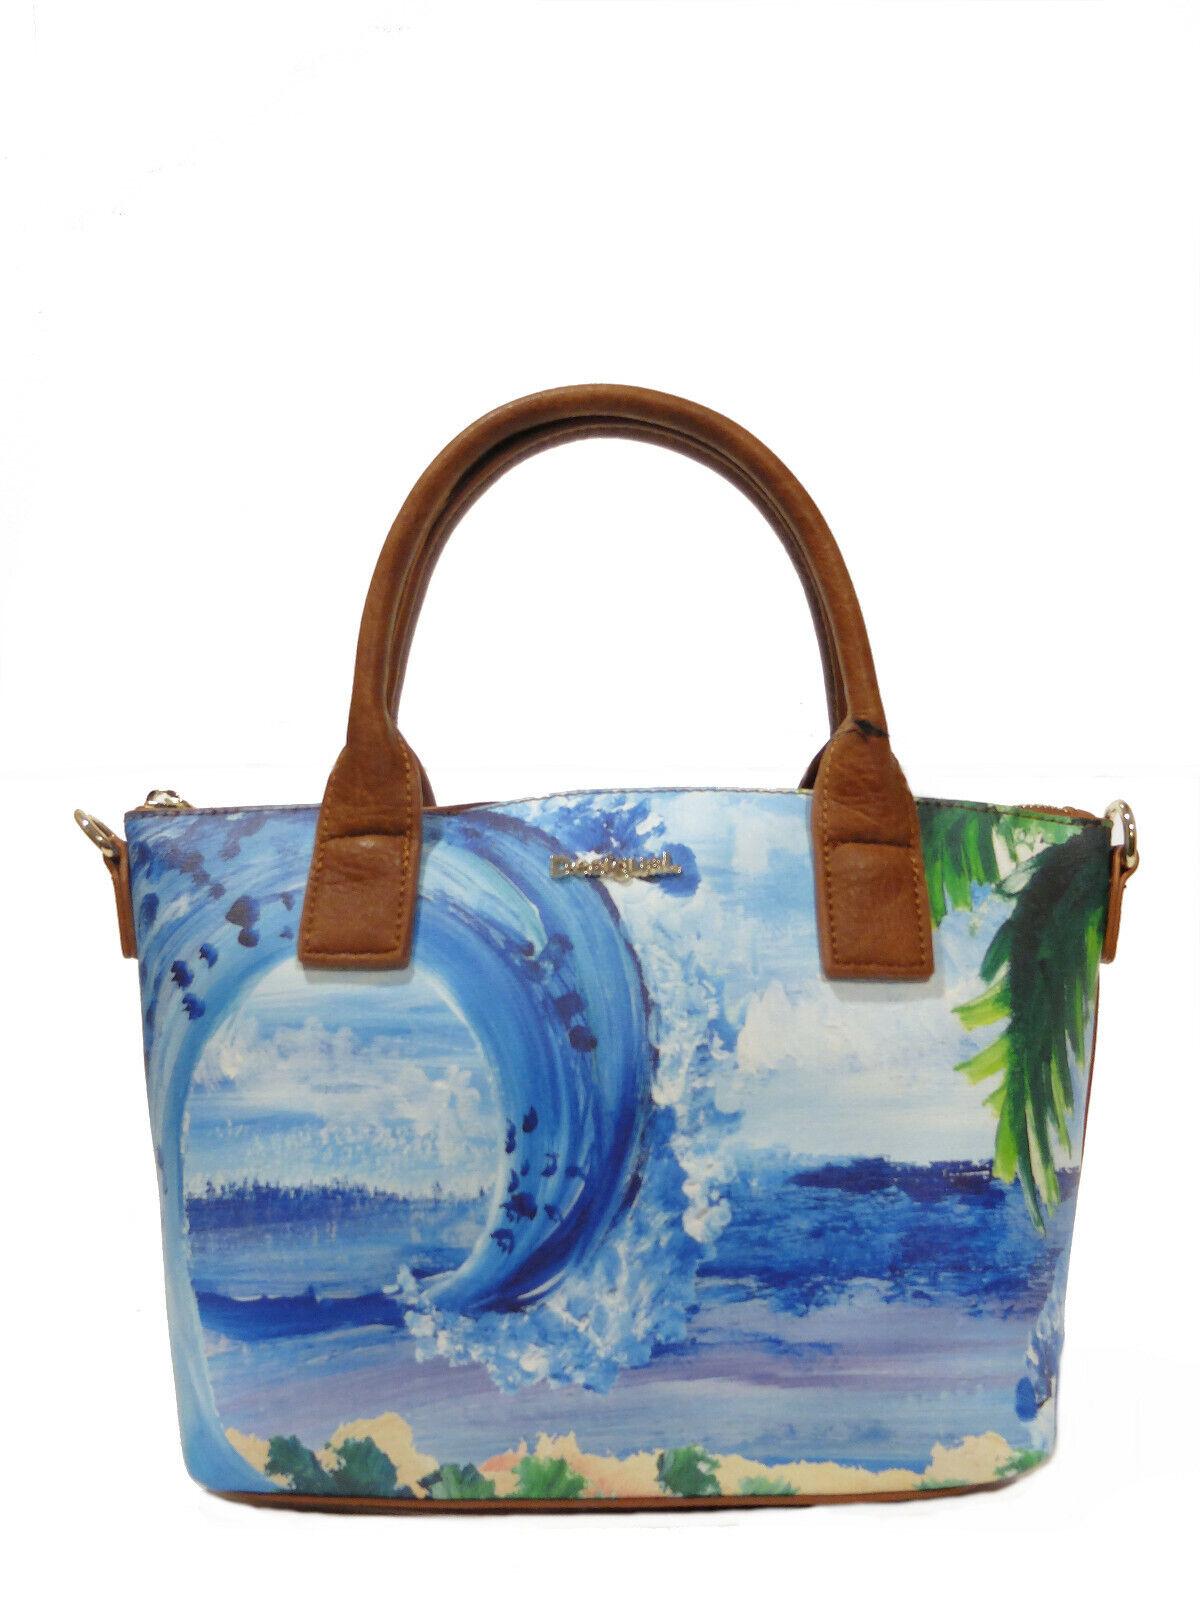 Desigual Handtasche Tasche Schultertasche Schultertasche Schultertasche Bols Landscape Ocean Gela, NEU | Won hoch geschätzt und weithin vertraut im in- und Ausland vertraut  07174c